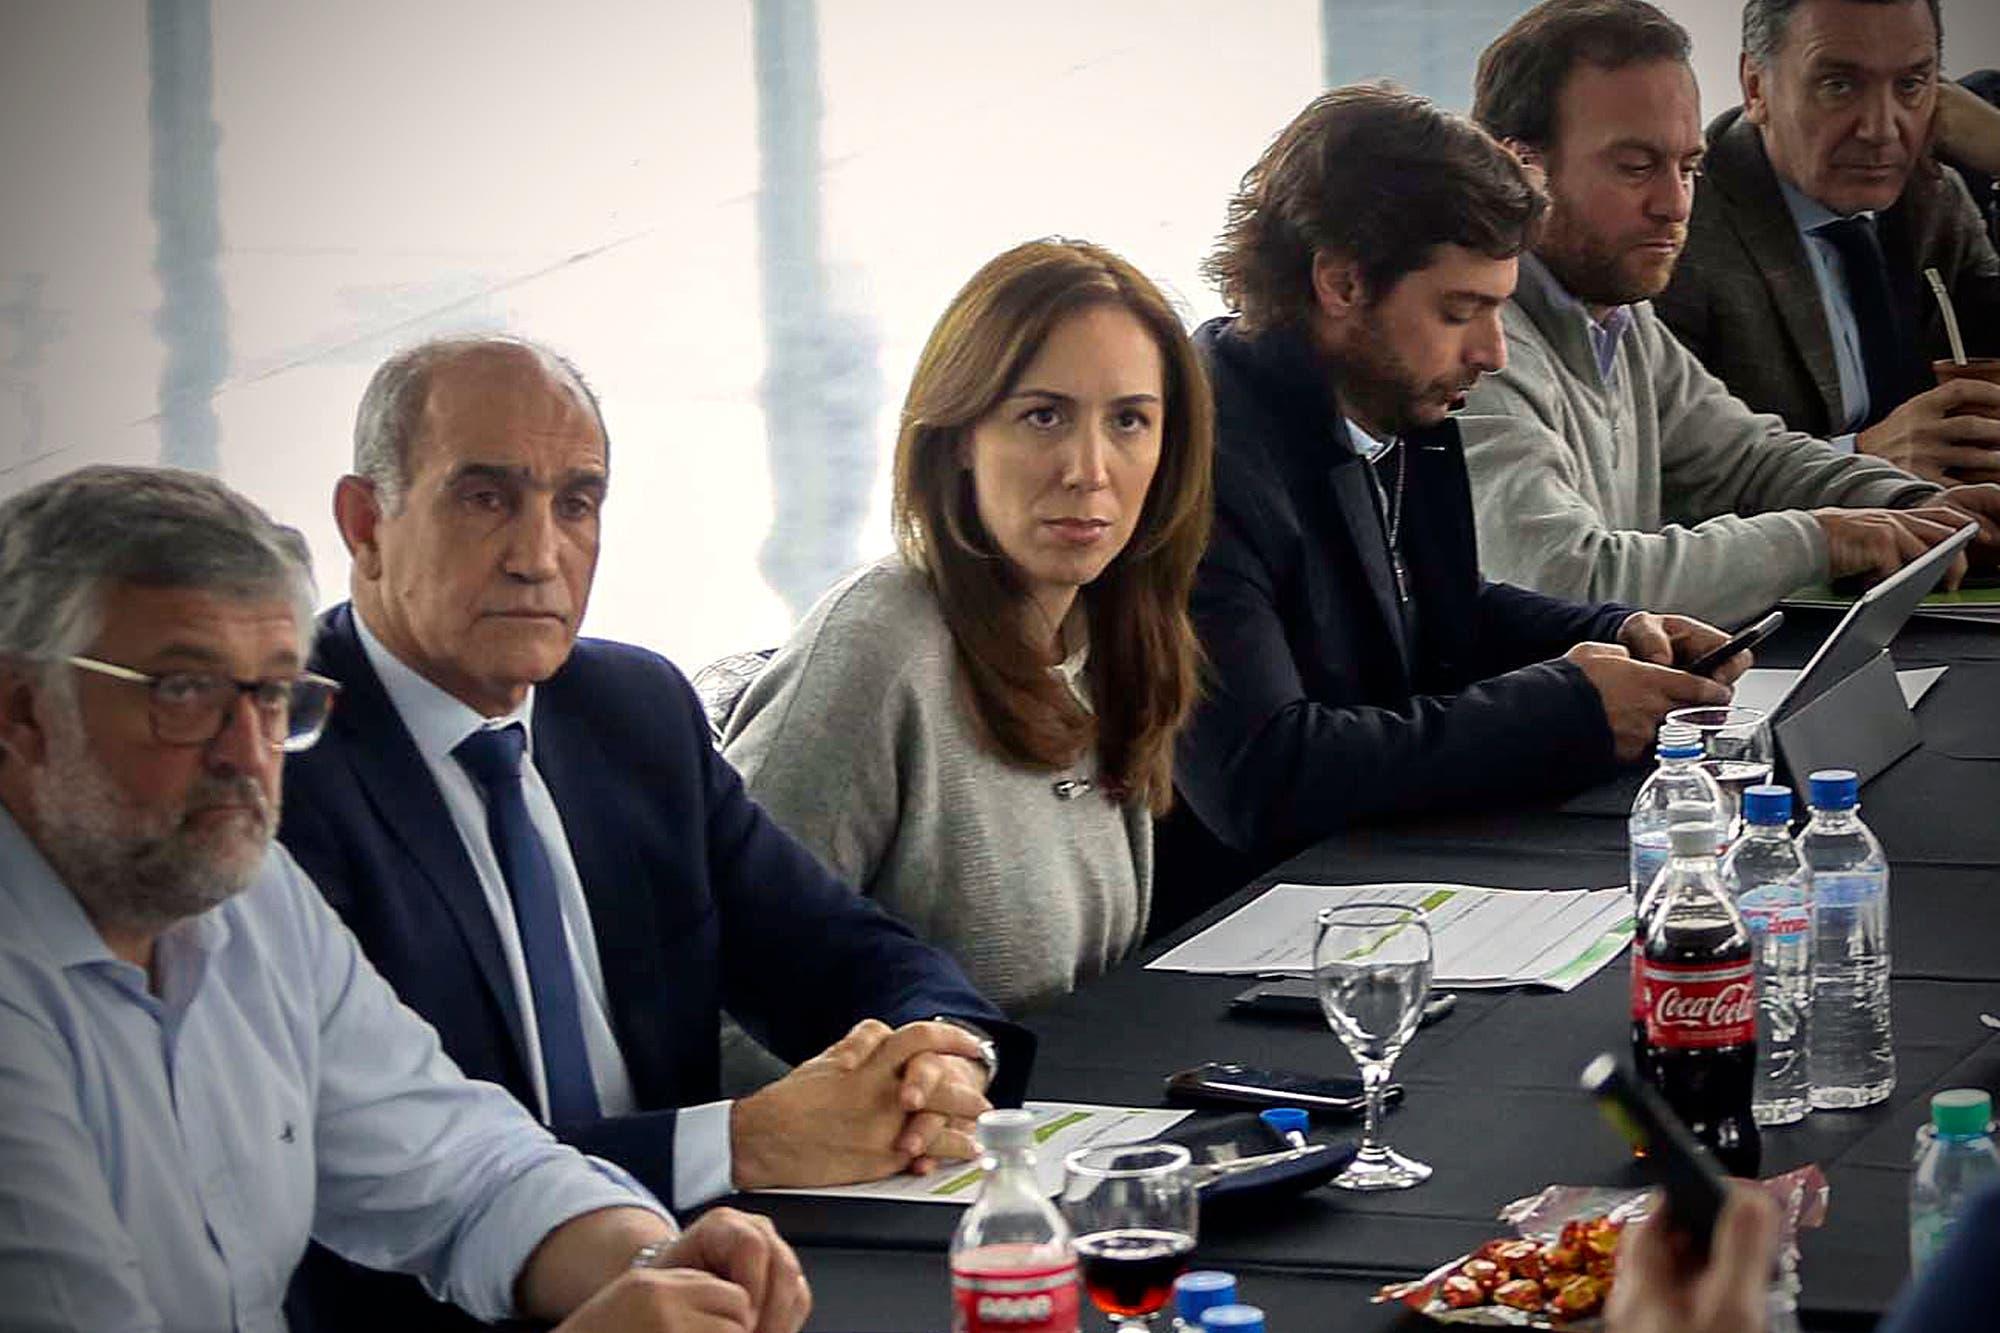 En una carta pública, María Eugenia Vidal habló sobre la escuela de Moreno en la que murieron dos personas